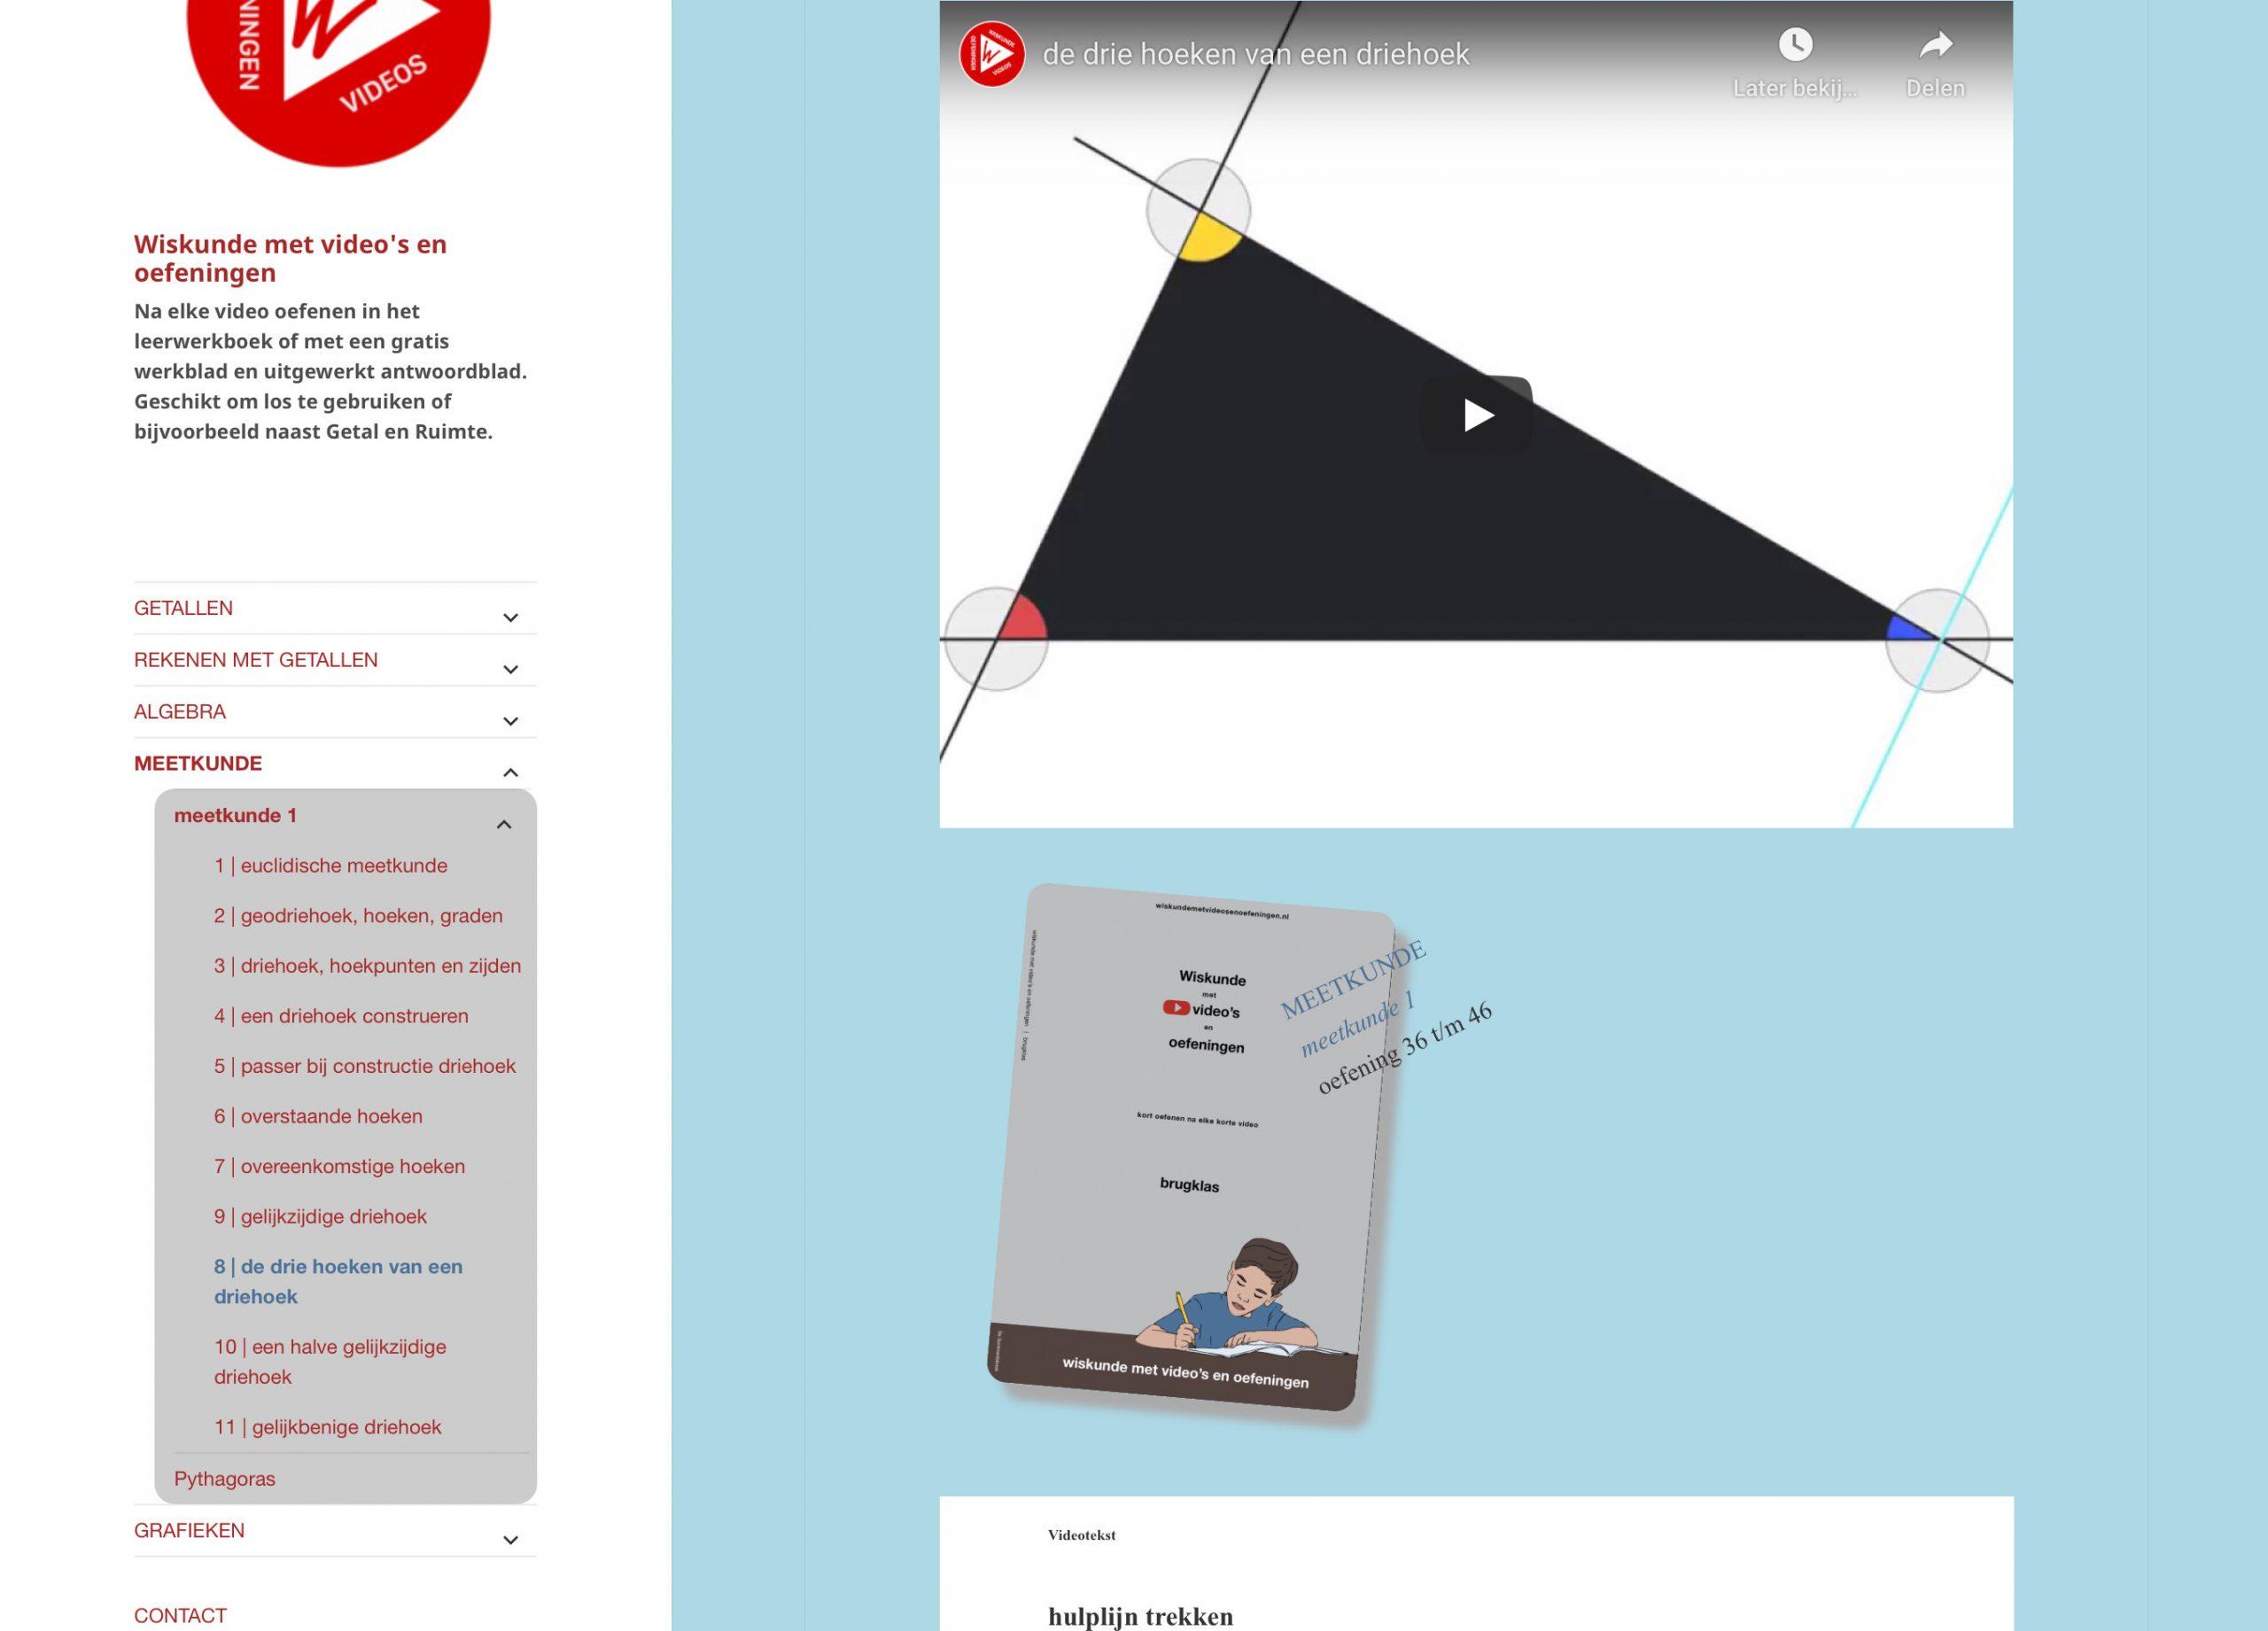 meetkunde, lijnen en hoeken